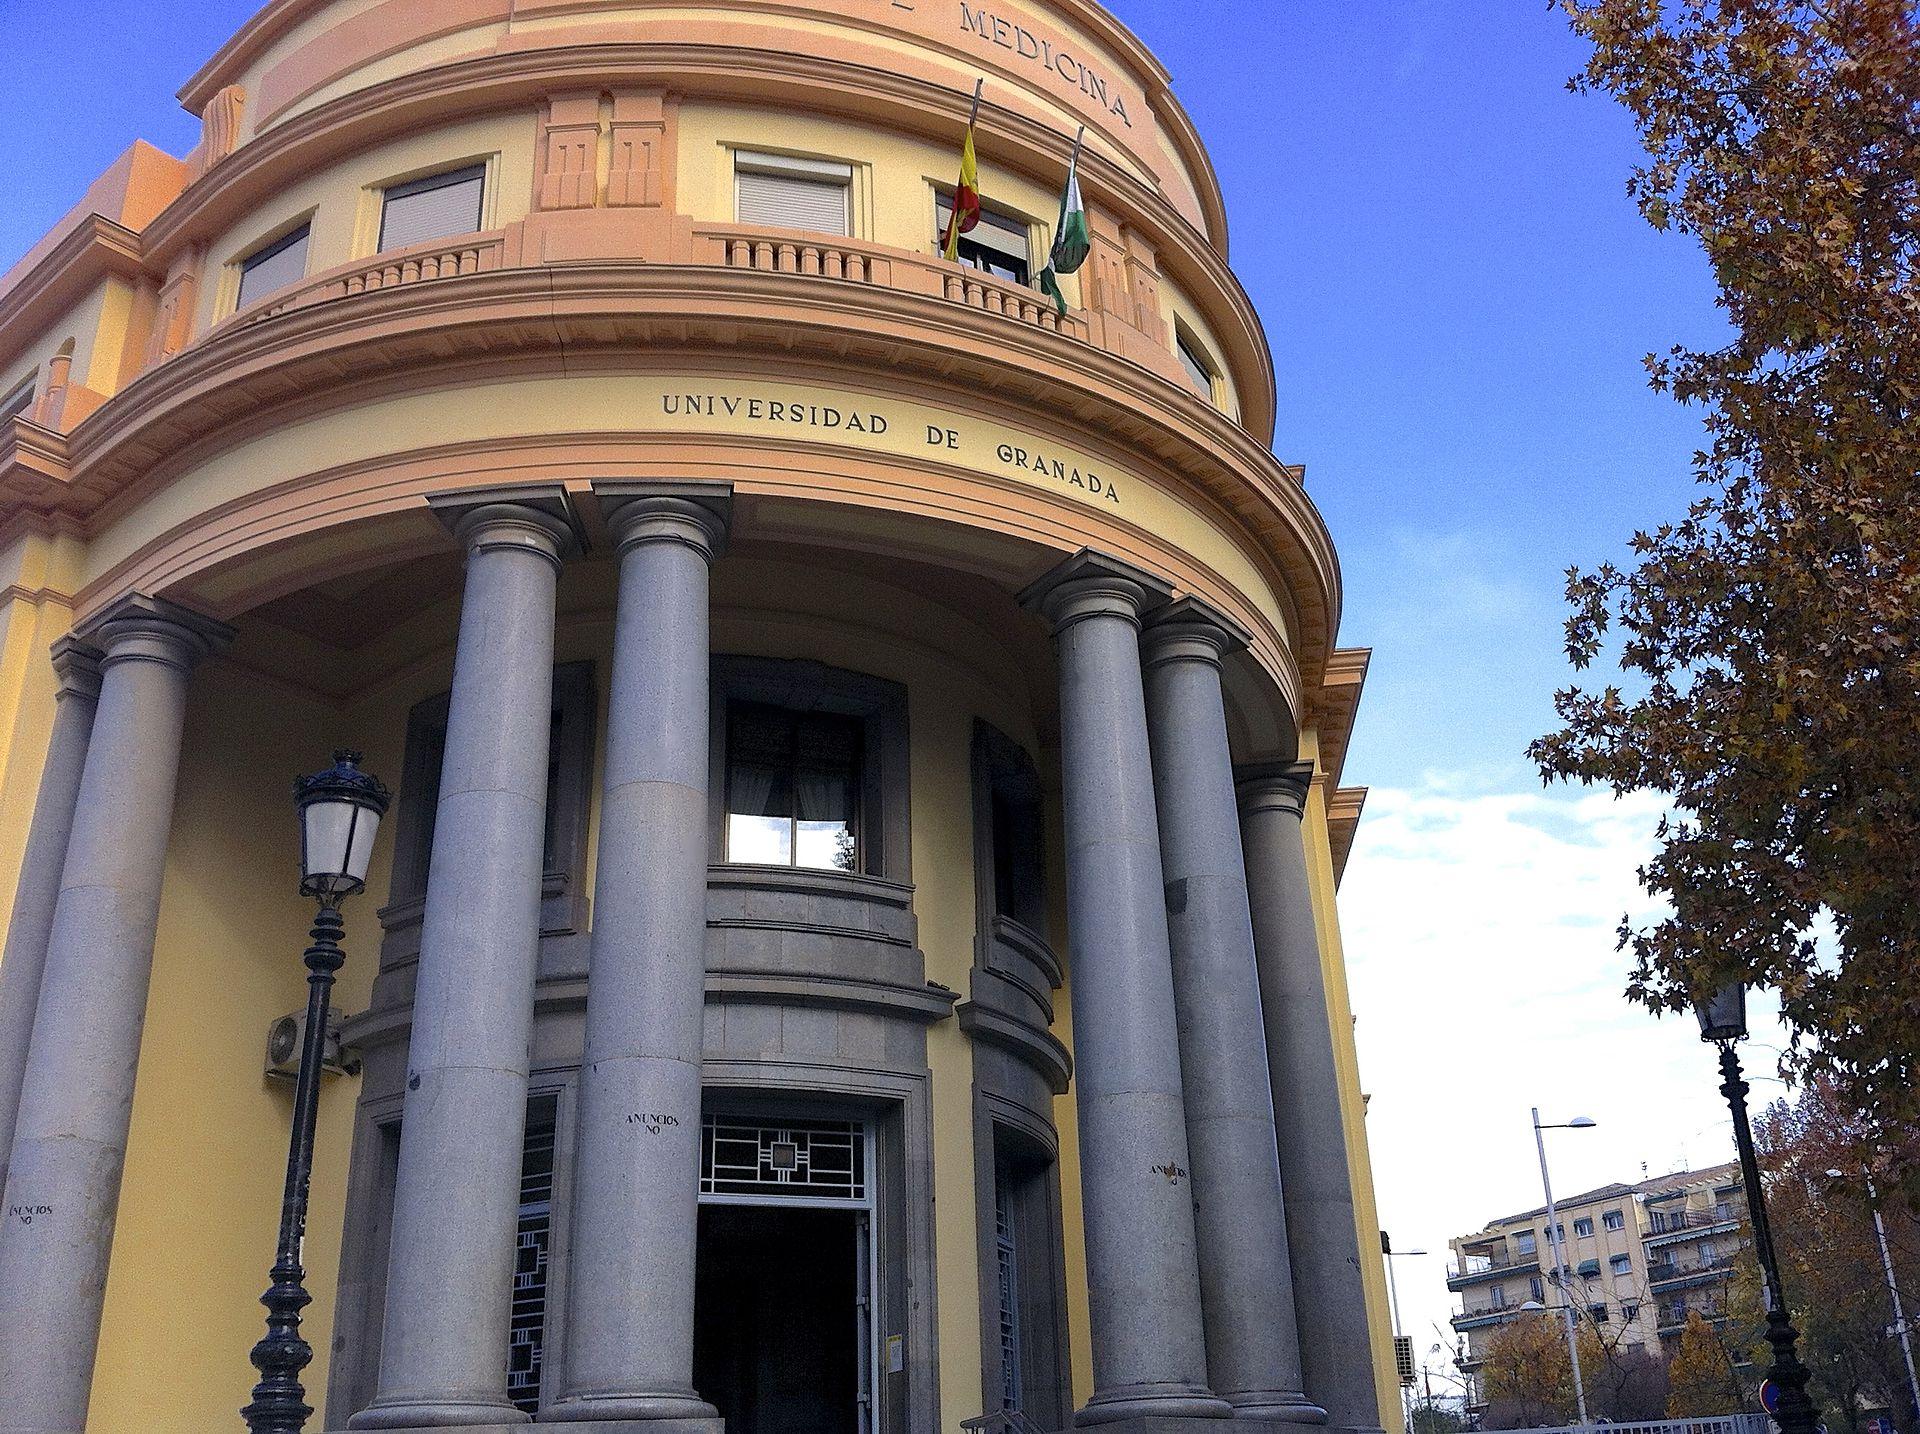 Facultad de medicina de la universidad de granada for La casa de granada en madrid